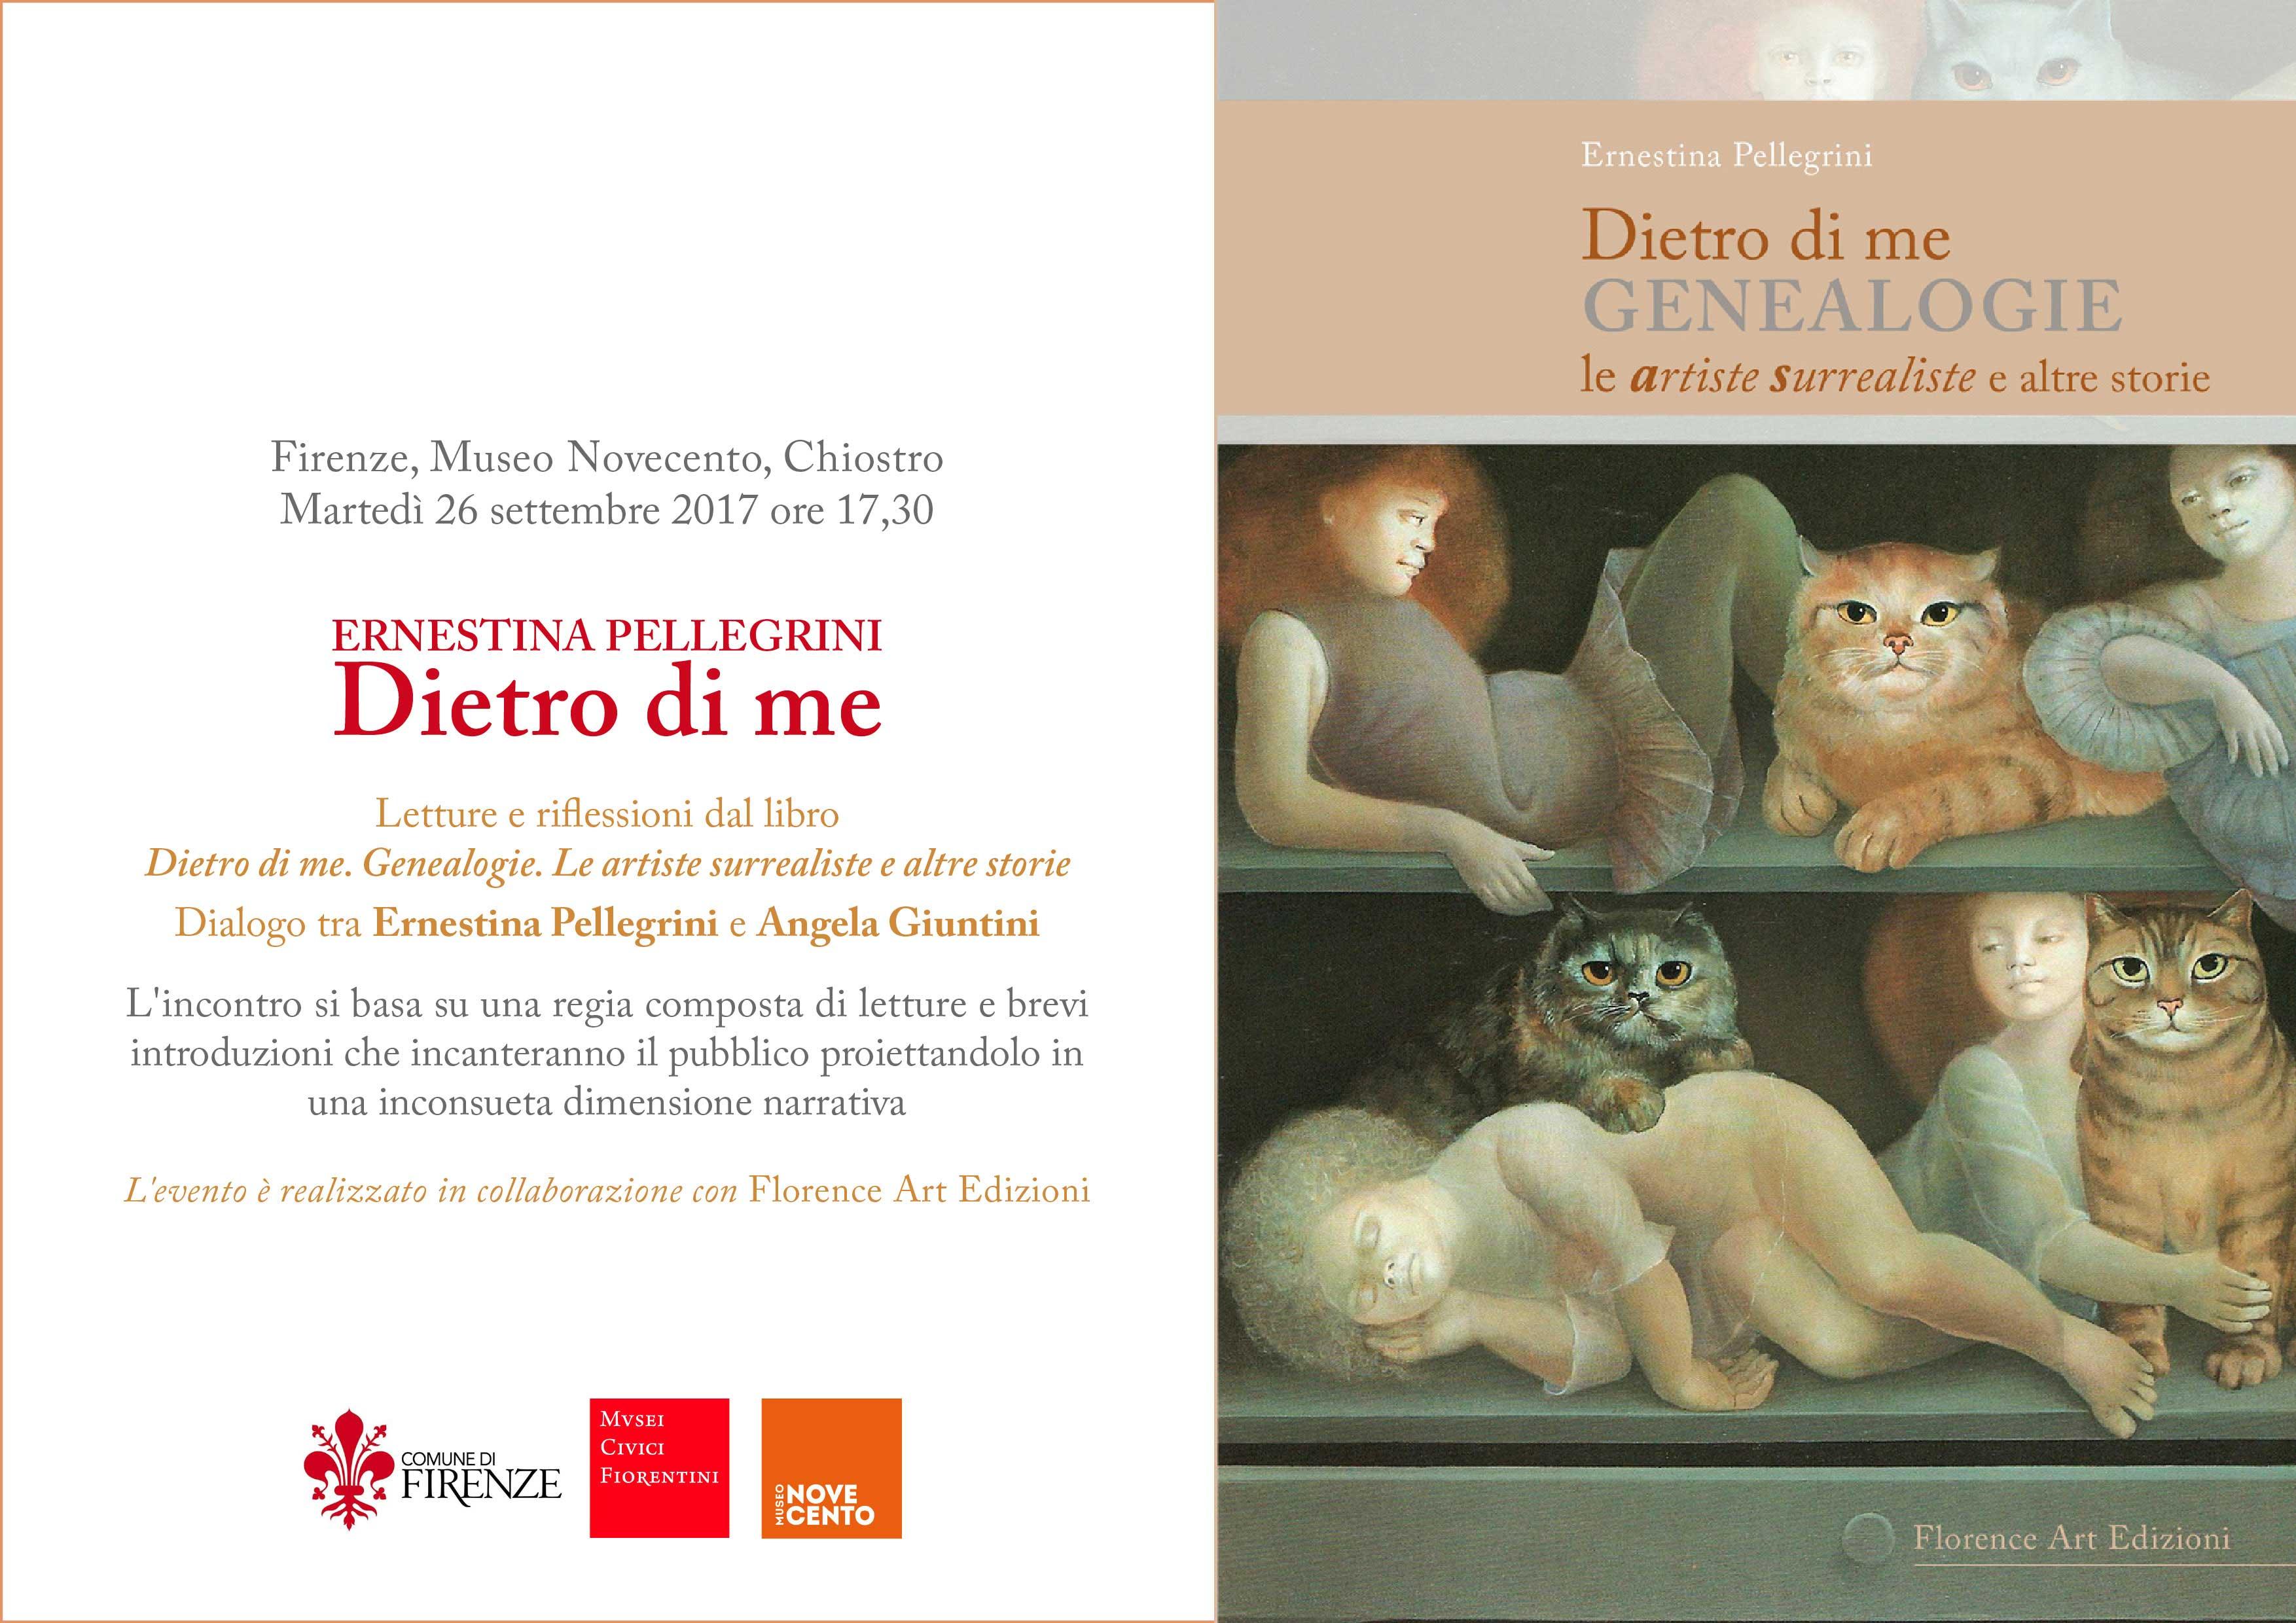 Presentazione Dietro di me al Museo Novecento di Firenze